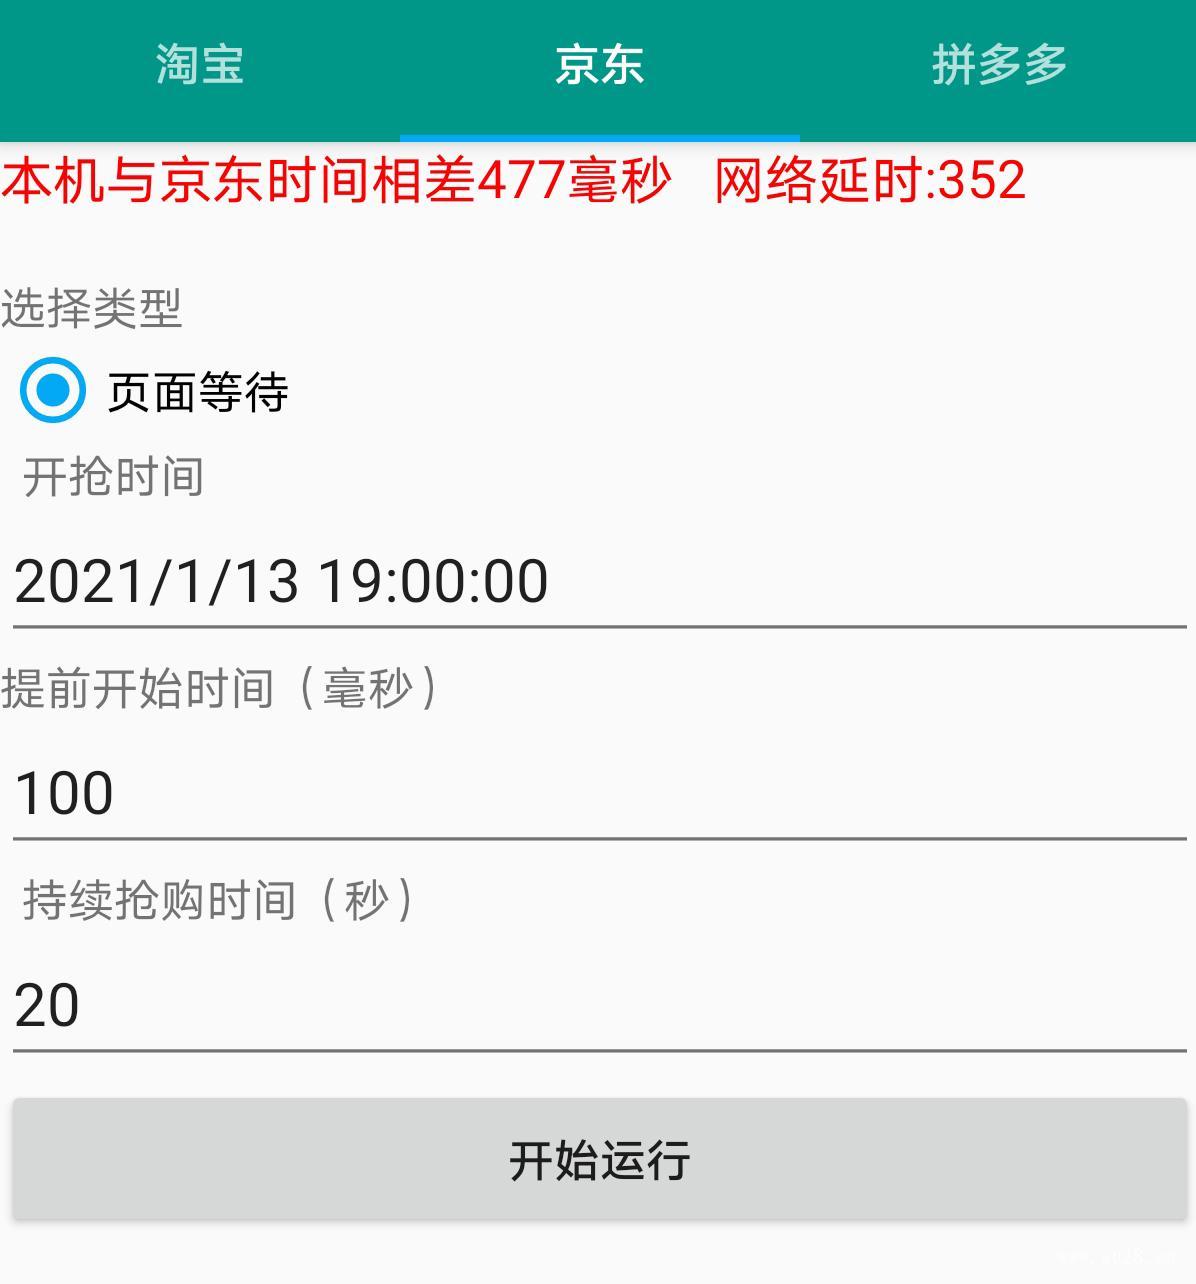 天猫京东茅台秒杀软件